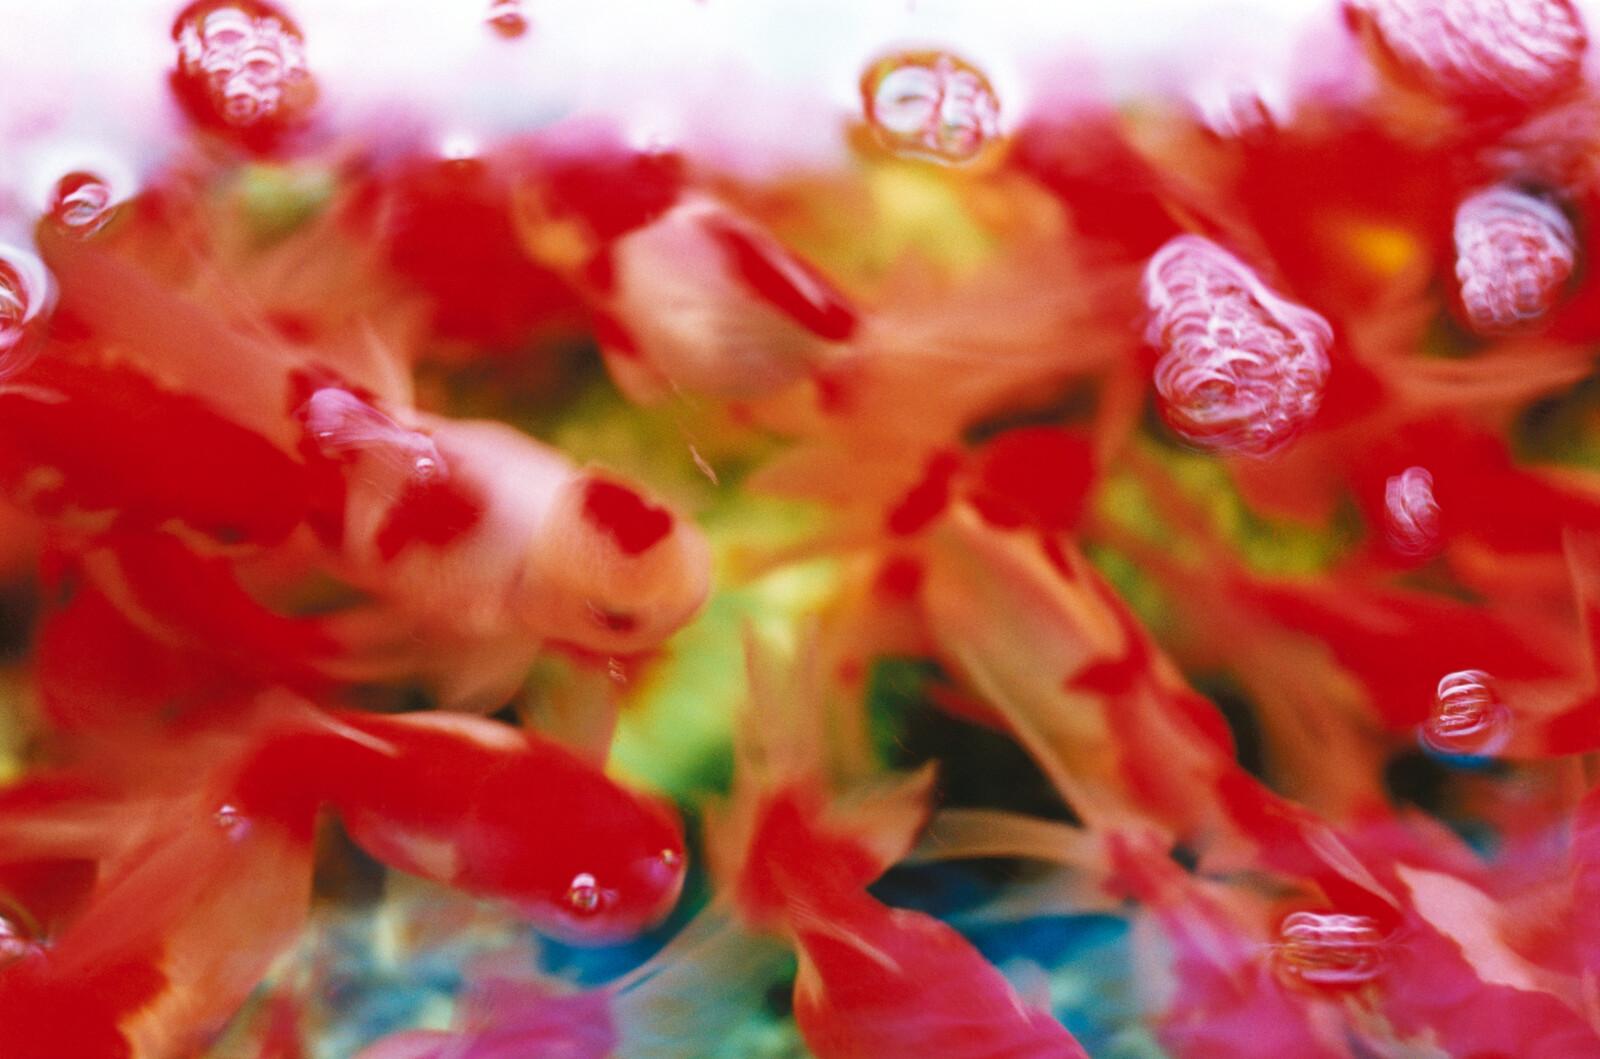 Untitled, Liquid Dreams 2 - Mika Ninagawa | Trunk Archive